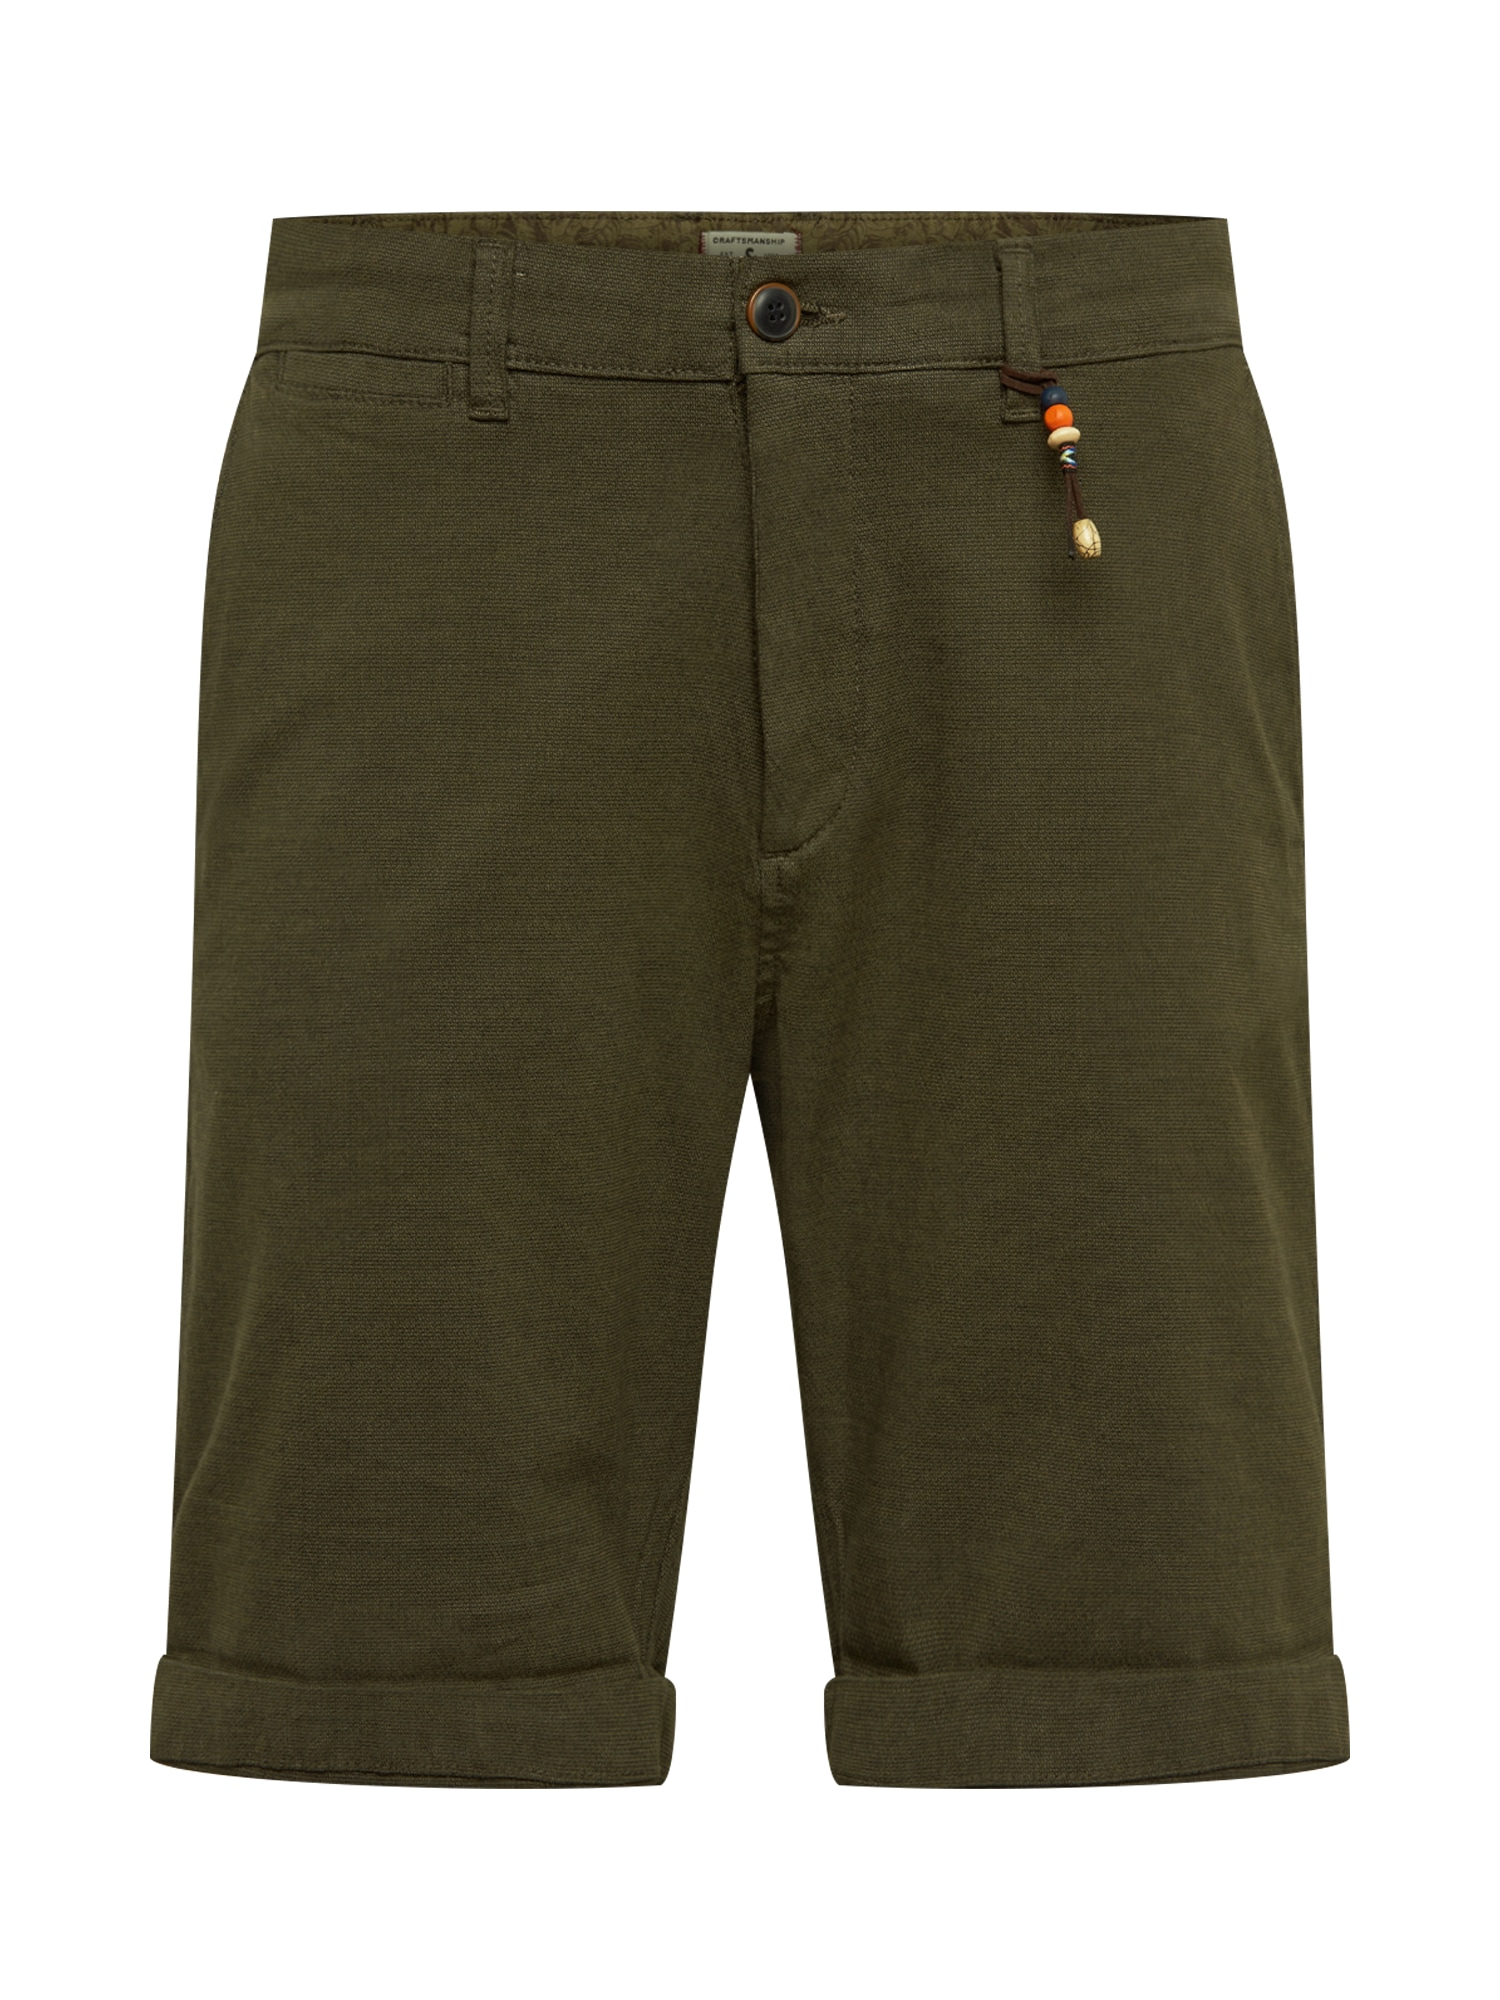 Chino kalhoty JJIKENZO JJCHINO SHORTS AKM 432 olivová JACK & JONES